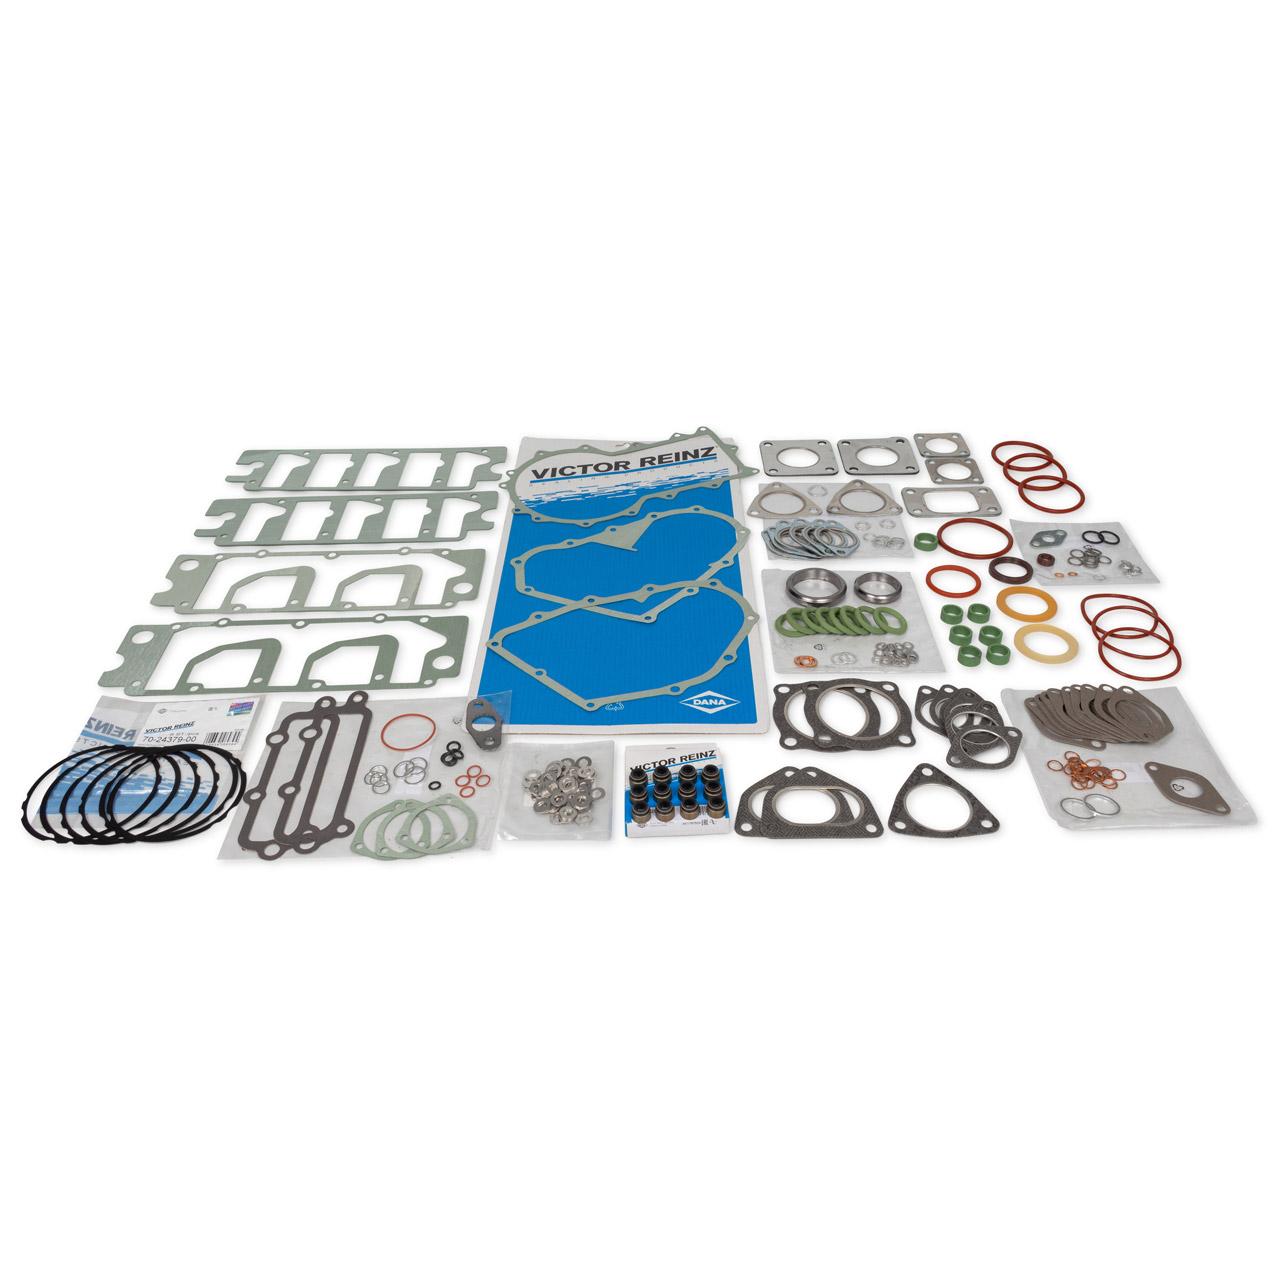 REINZ Zylinderkopfdichtung Satz PORSCHE 911 3.3 Turbo + 3.3 SC Turbo 93010090802